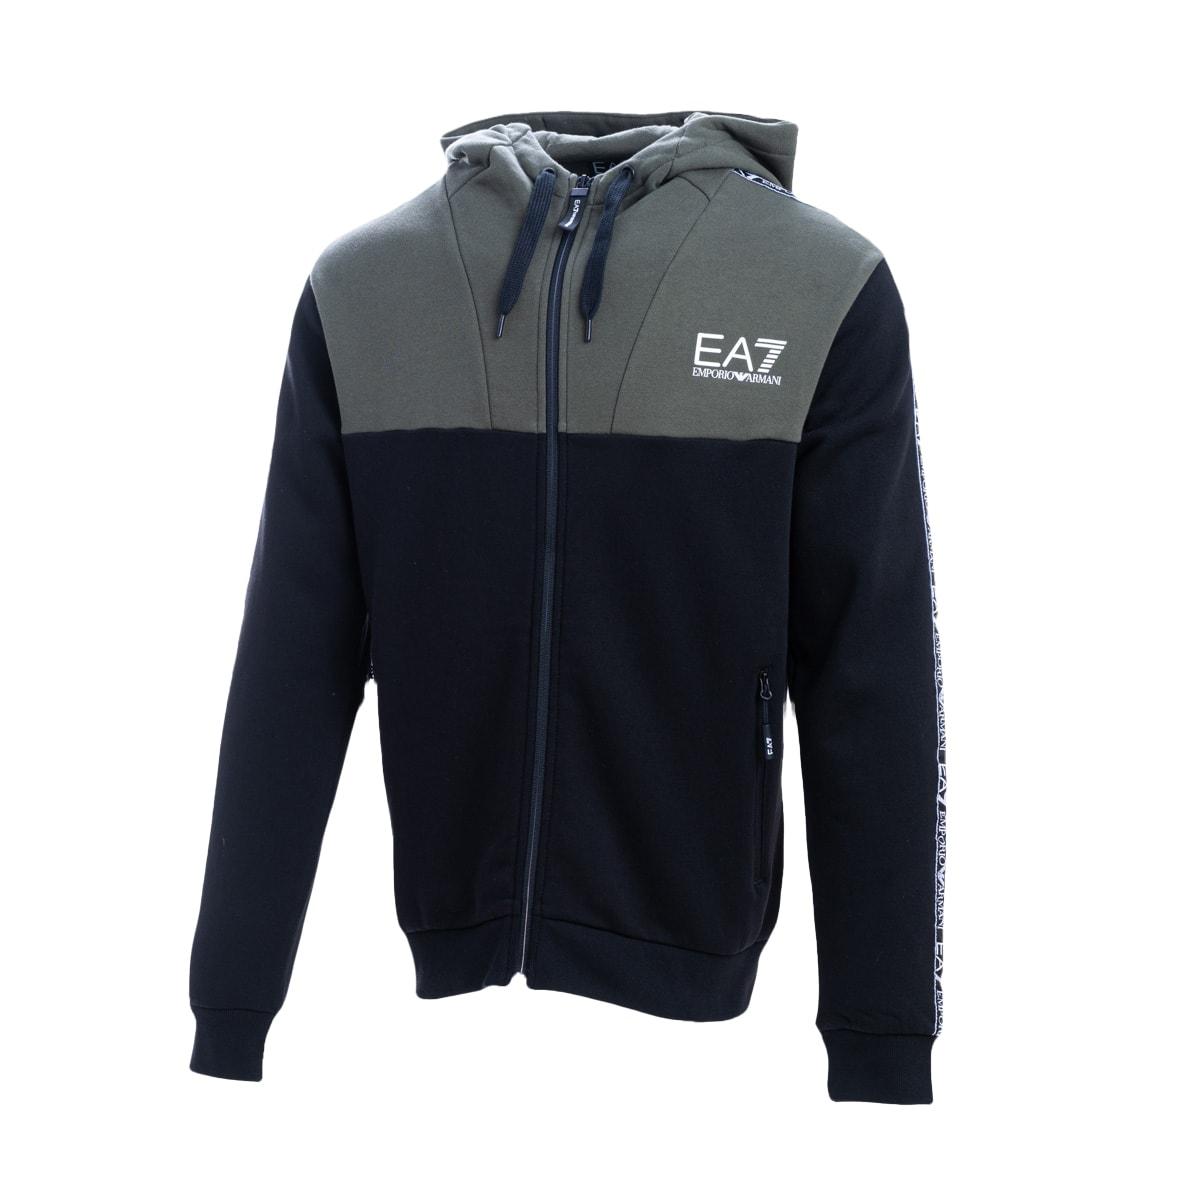 Ea7 Ea7 Cotton Blend Sweatshirt